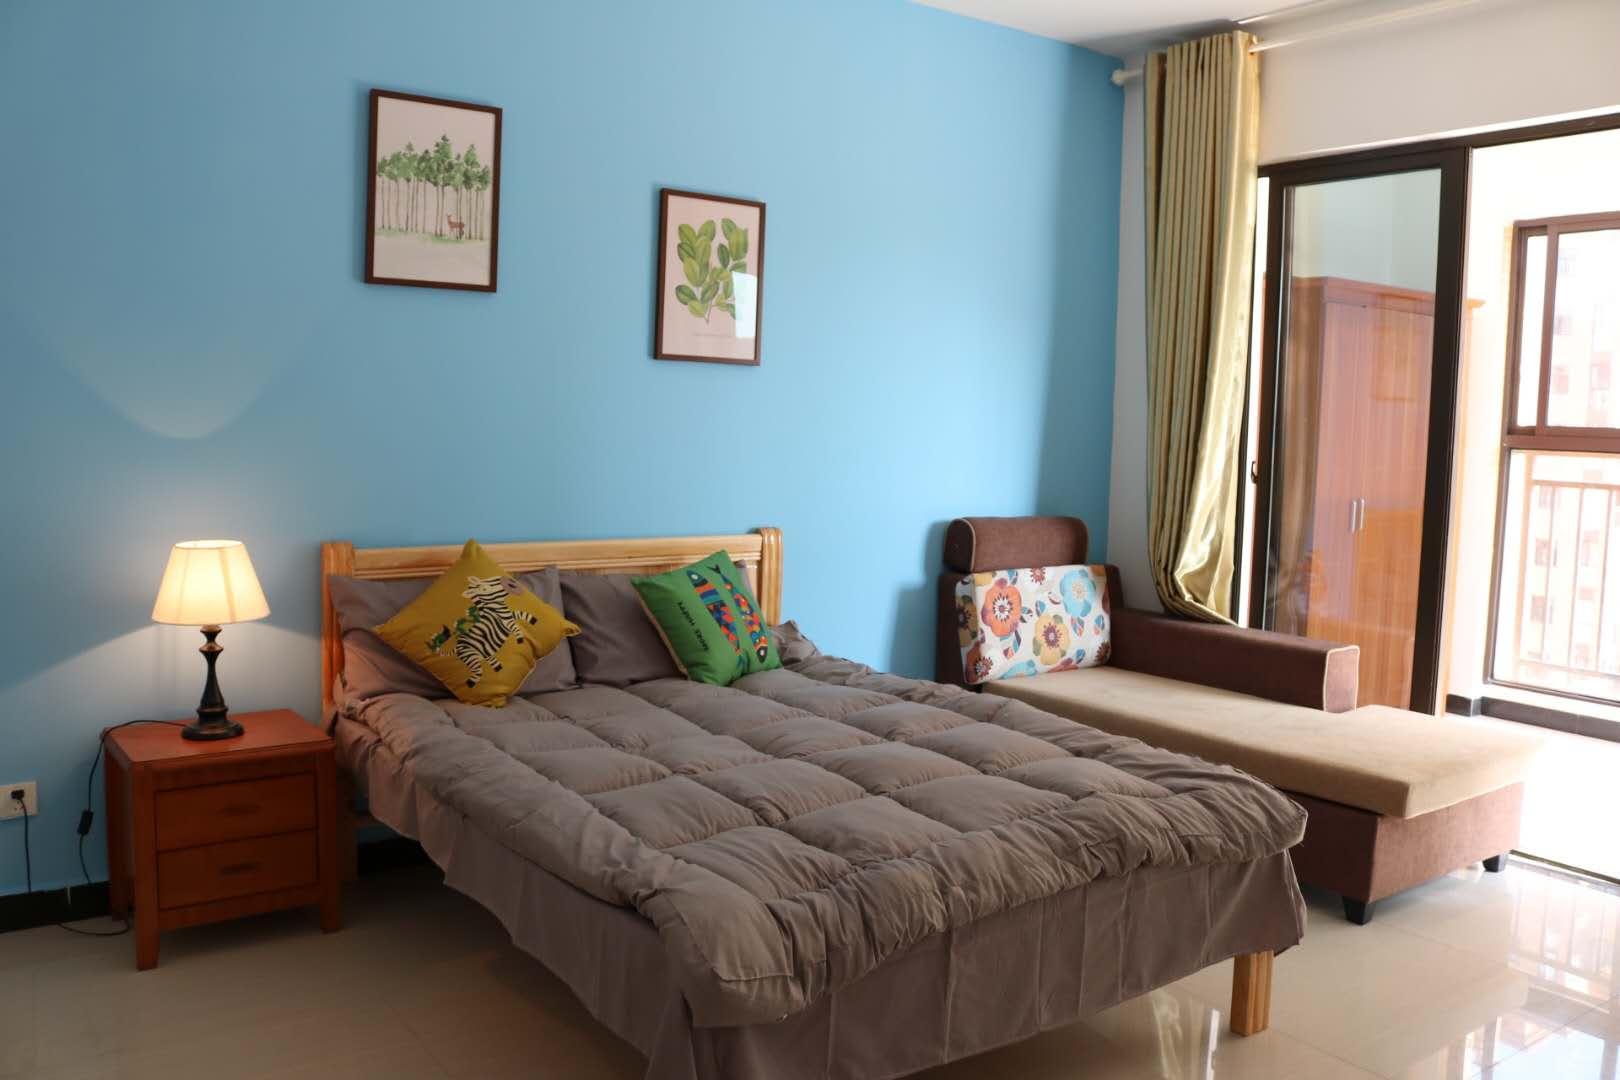 網格品牌公寓服務-想找口碑好的公寓出租-就來湖南合居商業管理